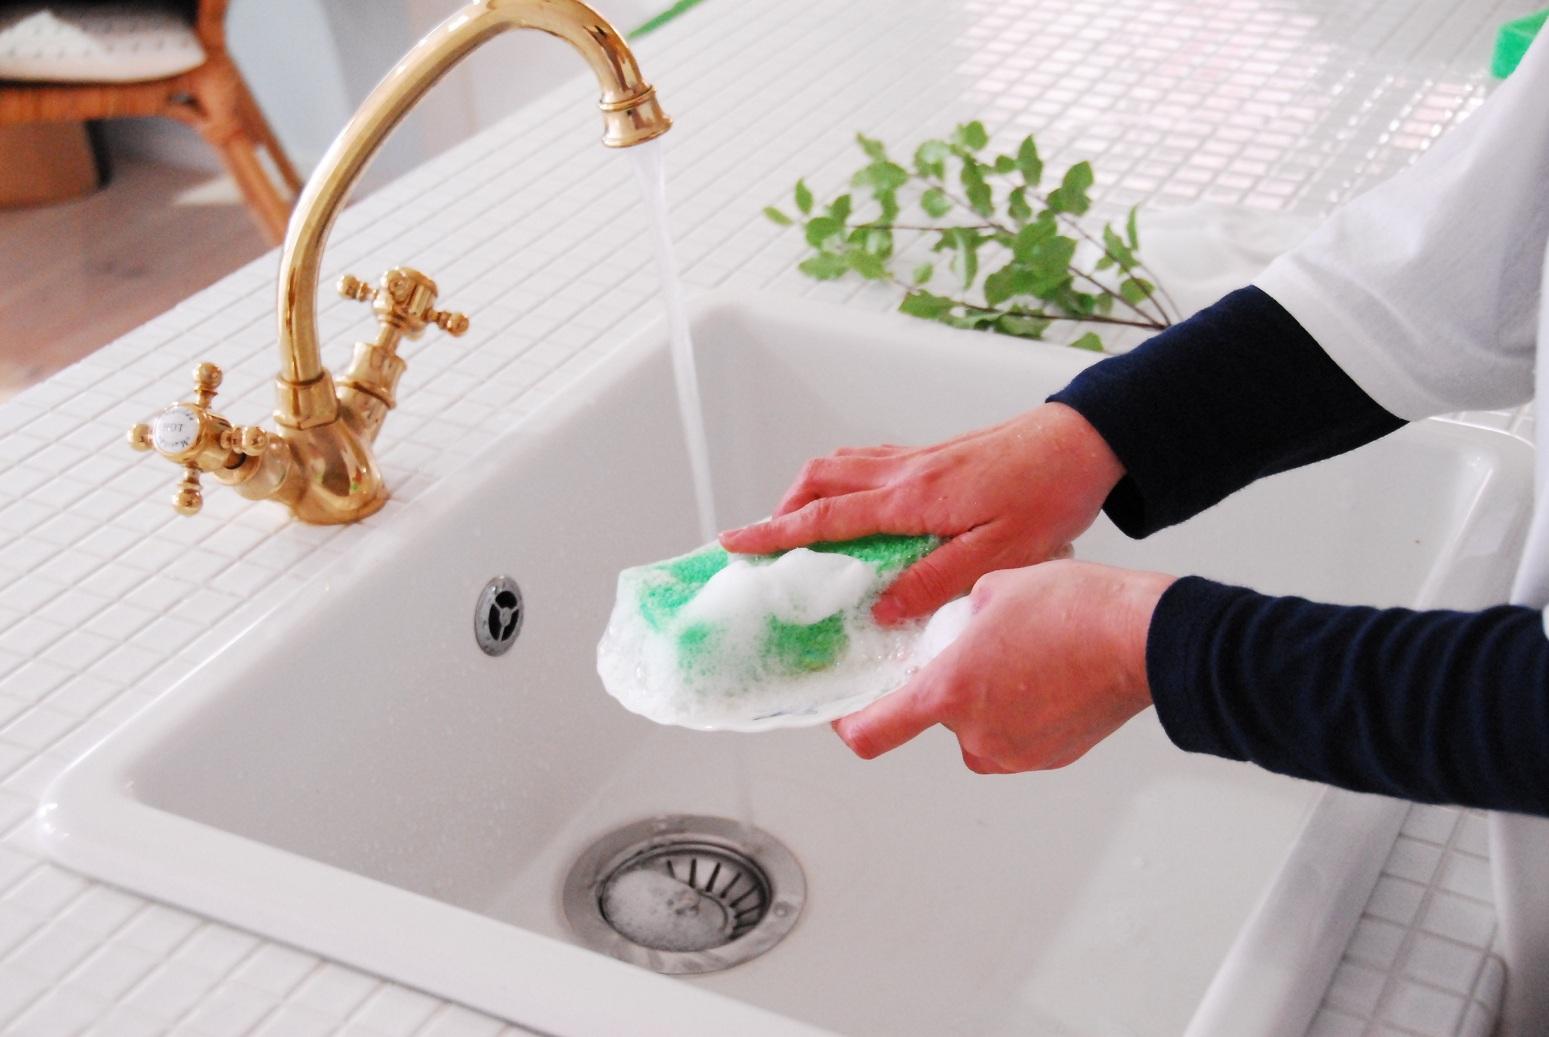 台所用中性洗剤サンセブンハイアールQ型(600g入)【DM便不可】温泉成分 コラーゲン配合手荒れ改善。片手で洗えて合理的。スポンジ泡モコモコ。油汚れ即落ち家事大好き嬉しい気分。